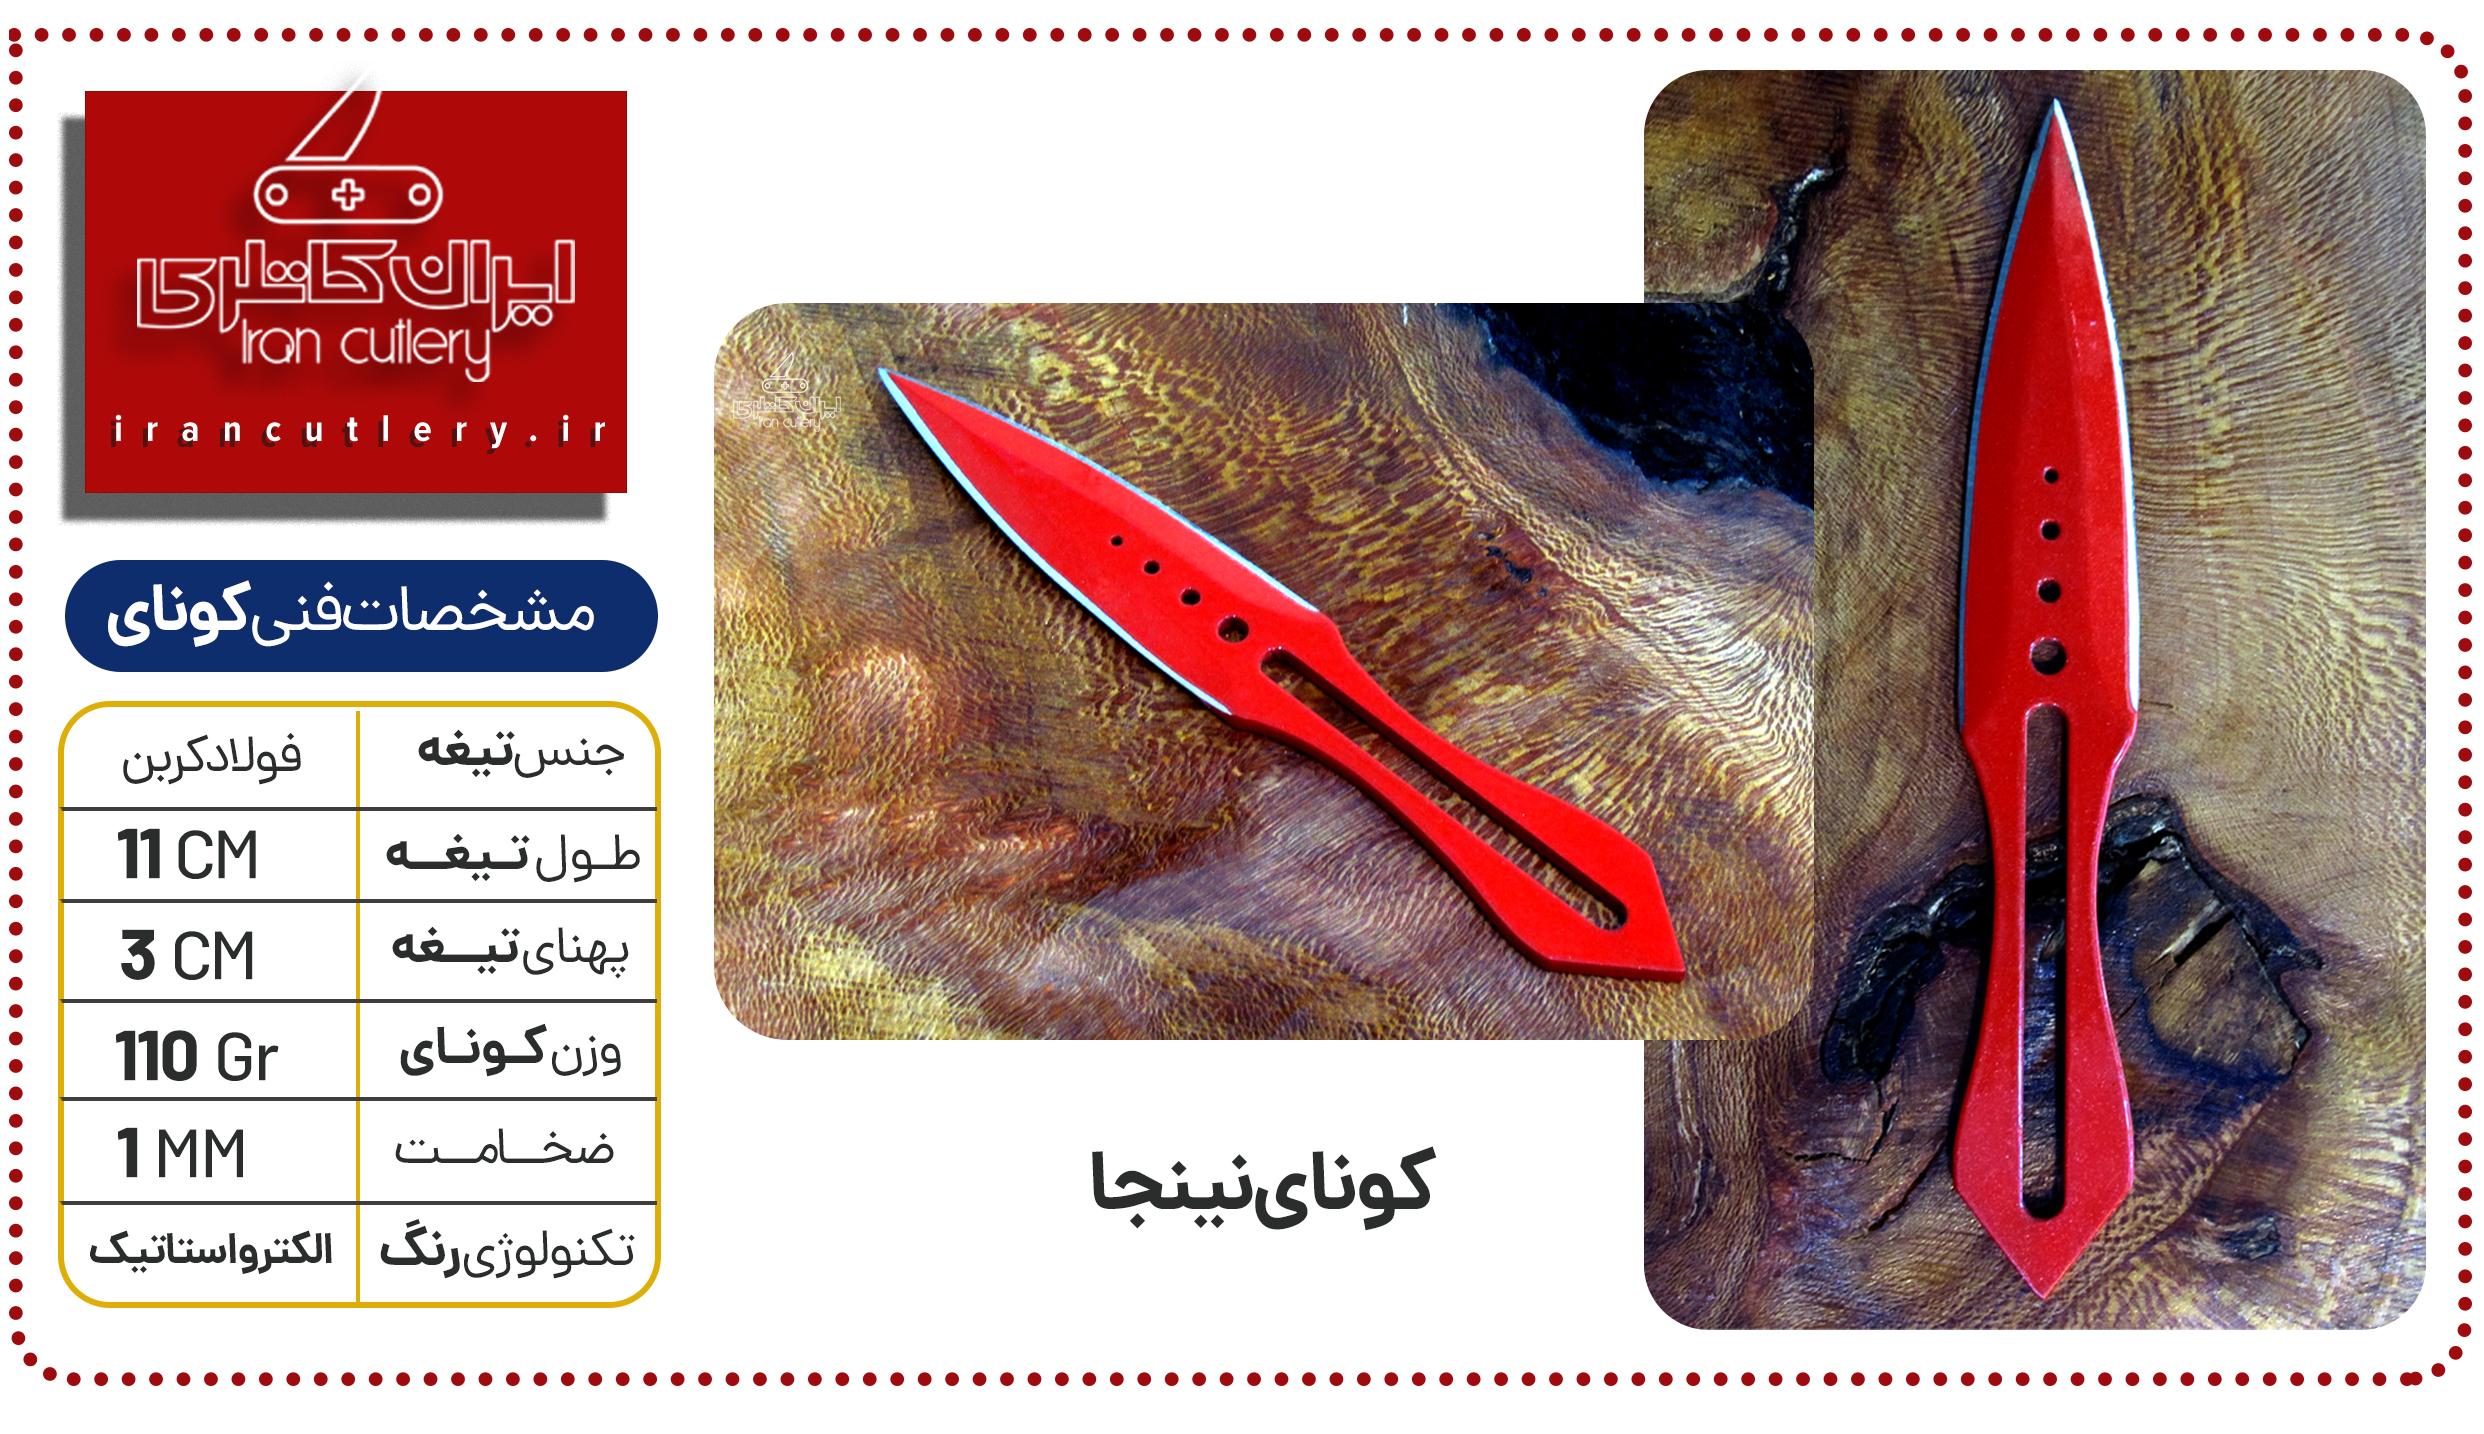 چاقوی پرتابی مدل اسپیکای